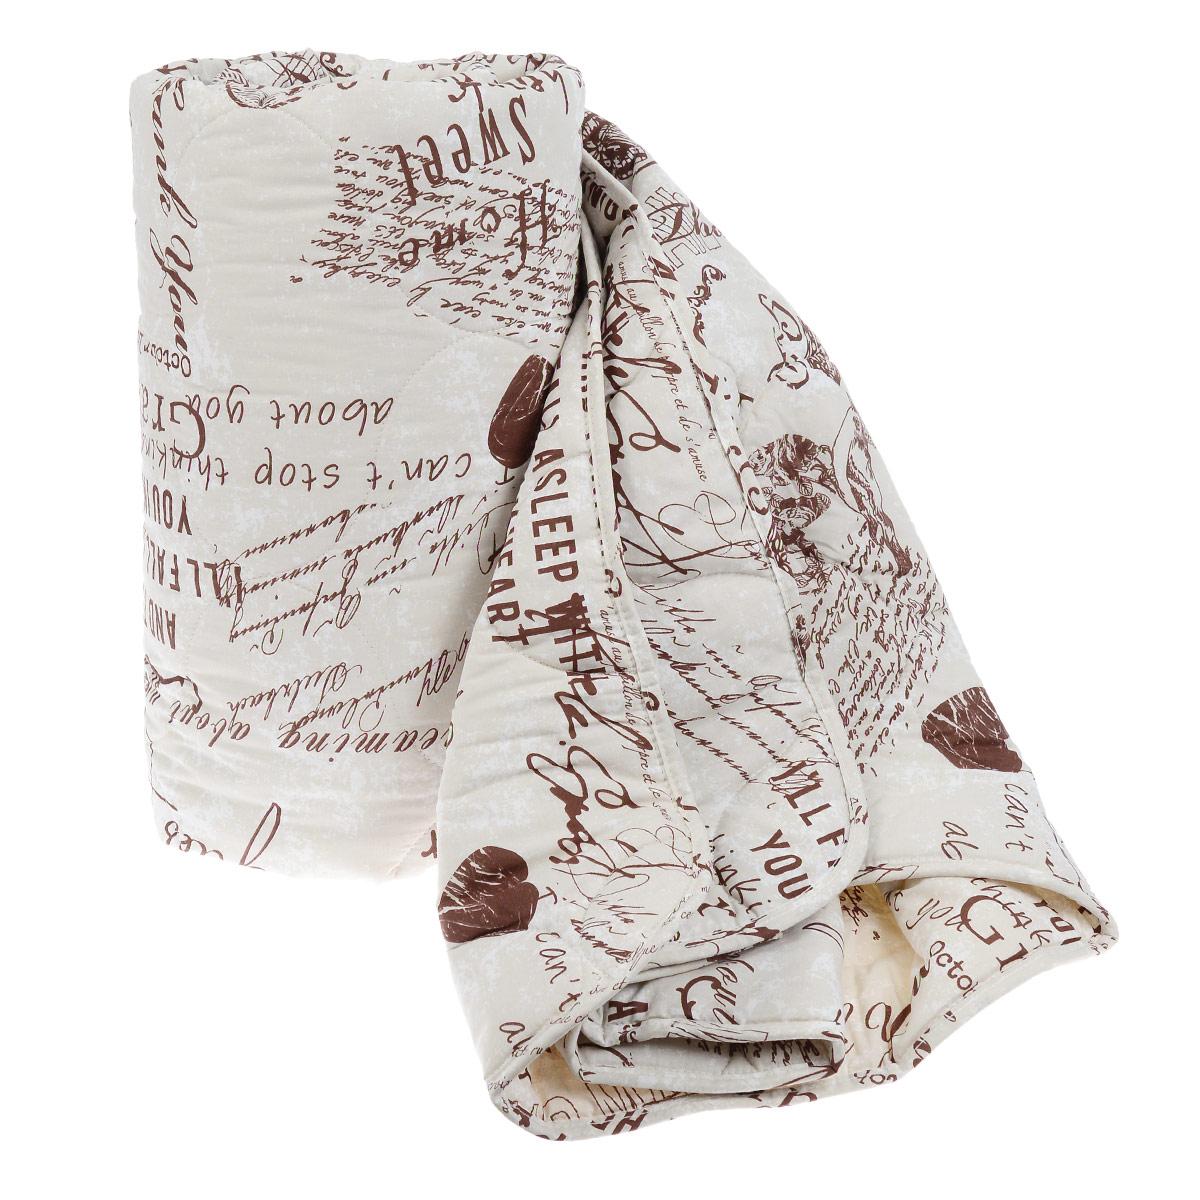 Одеяло Comfort Line, наполнитель: шерсть мериноса, 200 см х 220 см183680Классическое одеяло Comfort Lineподарит вам незабываемое чувство комфорта и умиротворения. Чехол выполнен из натурального хлопка. Внутри - наполнитель из мериносовой шерсти. Одеяло постоянно поддерживает нужную температуру: оно греет зимой и дает прохладу летом. Одеяло Comfort Line помогает просыпаться бодрыми и полными сил. Оно разработано специально для активных людей, заботящихся о своём здоровье, проводящих много времени у компьютера. Изделия из мериносовой шерсти великолепно стимулирует кровообращение, помогают людям, страдающим остеохондрозом, ревматизмом, бронхиальными недугами. Одеяло упаковано в пластиковую сумку-чехол, закрывающуюся на застежку-молнию. Рекомендации по уходу: - Нельзя стирать в стиральной машине. - Не отбеливать. - Не гладить. - Нельзя выжимать и сушить в стиральной машине. - Чистка с использованием углеводорода и трифло-трихлорметана. Материал чехла: 100% хлопок. Наполнитель:...